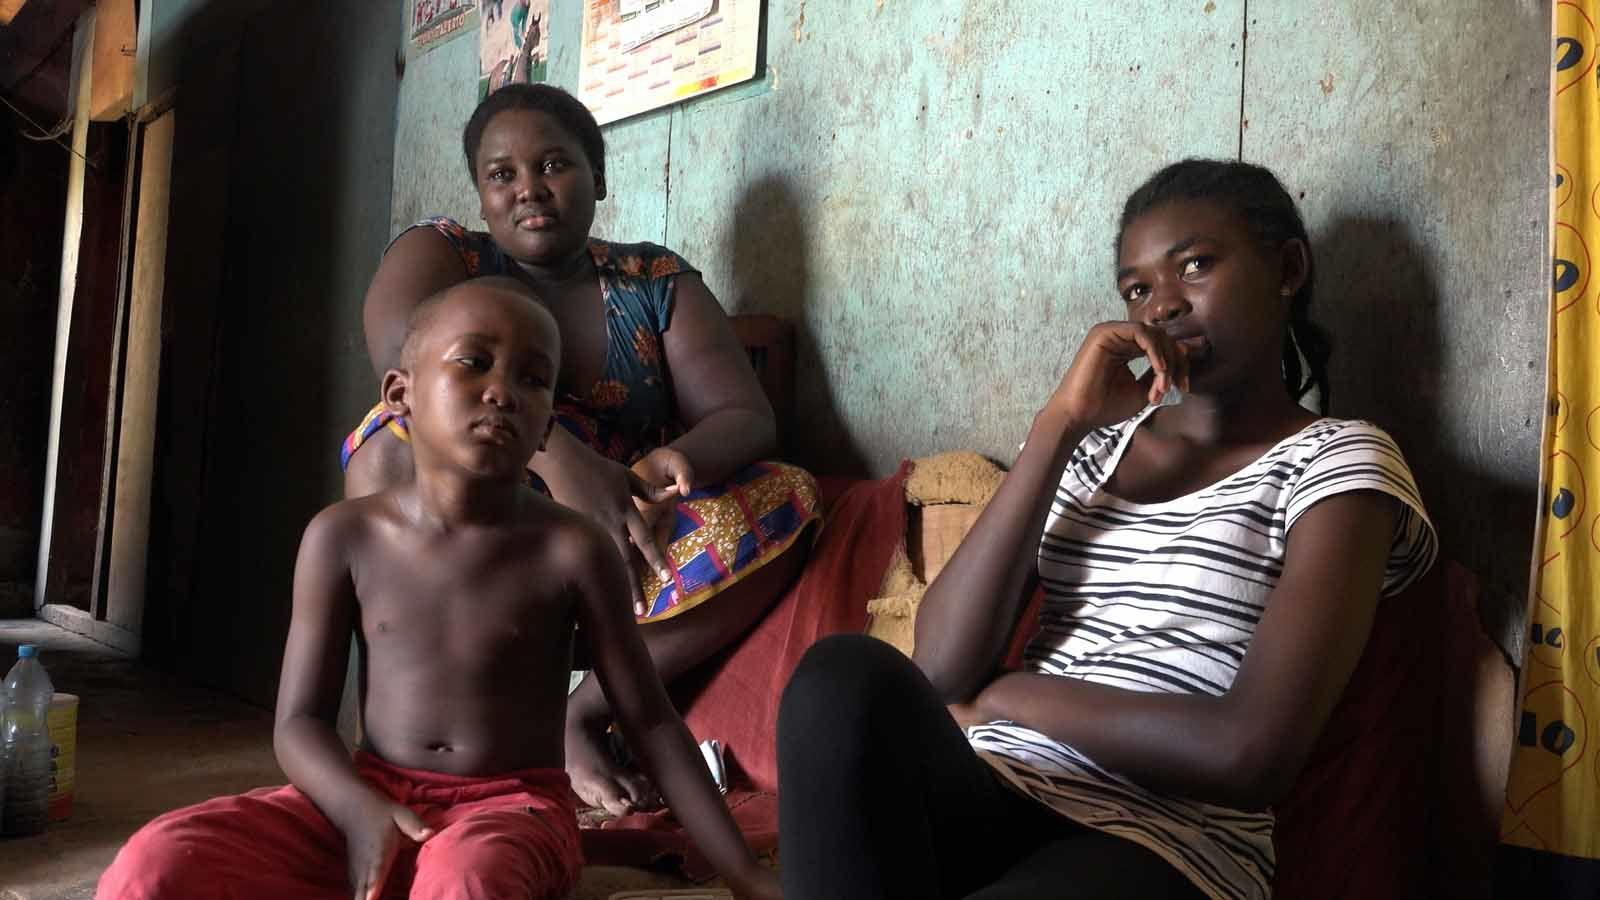 Rencontrer mon père (BANDE-ANNONCE + 3 EXTRAITS) Documentaire de Alassane Diago - Le 20 février 2019 au cinéma